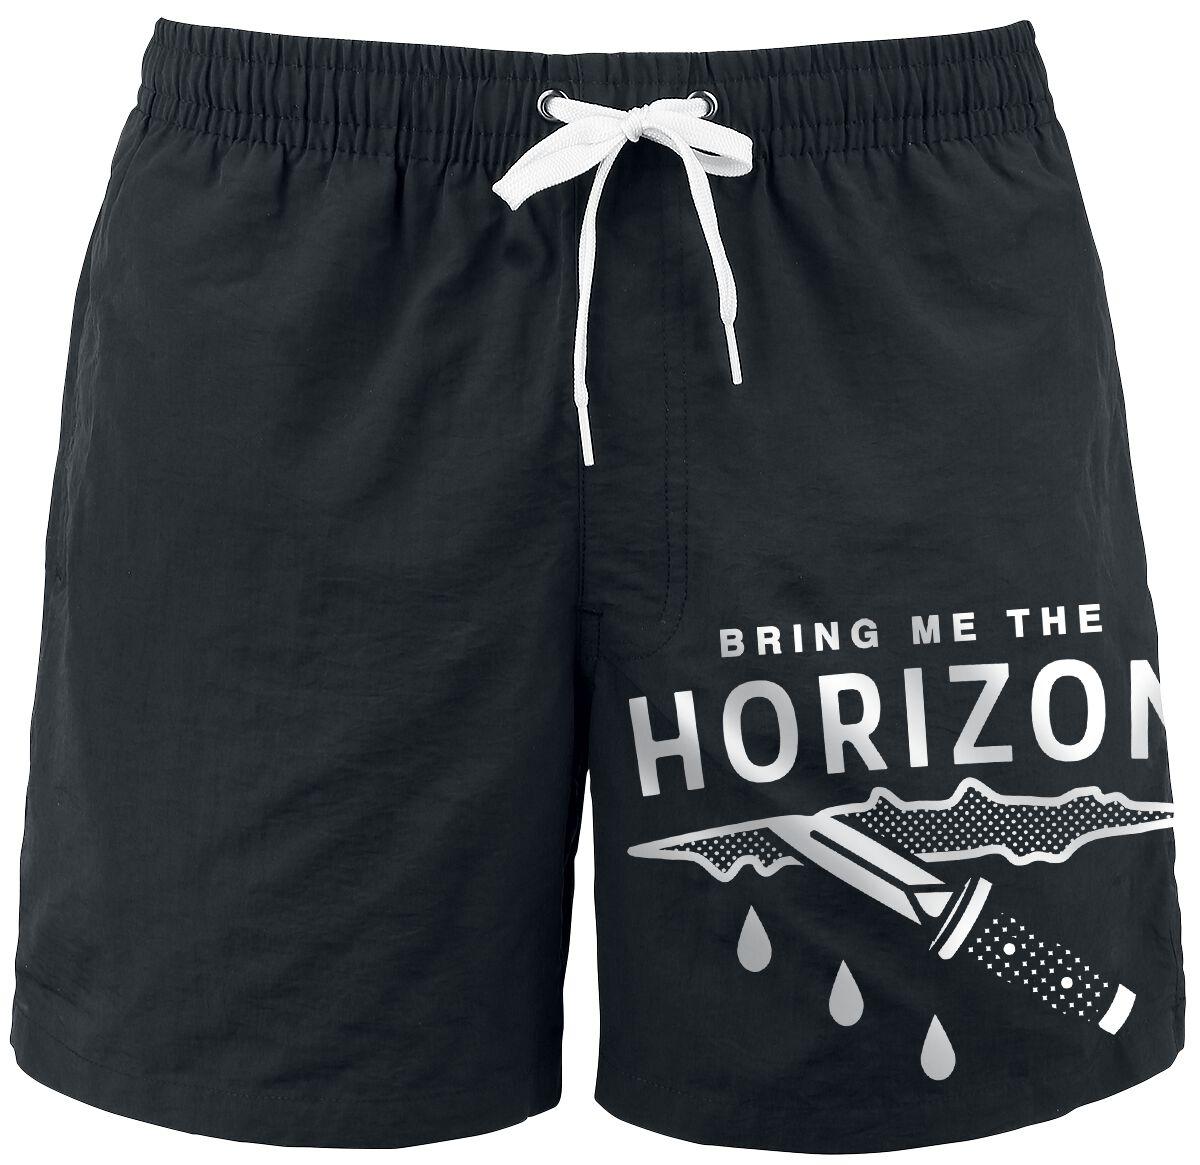 Image of   Bring Me The Horizon Wound Badeshorts sort